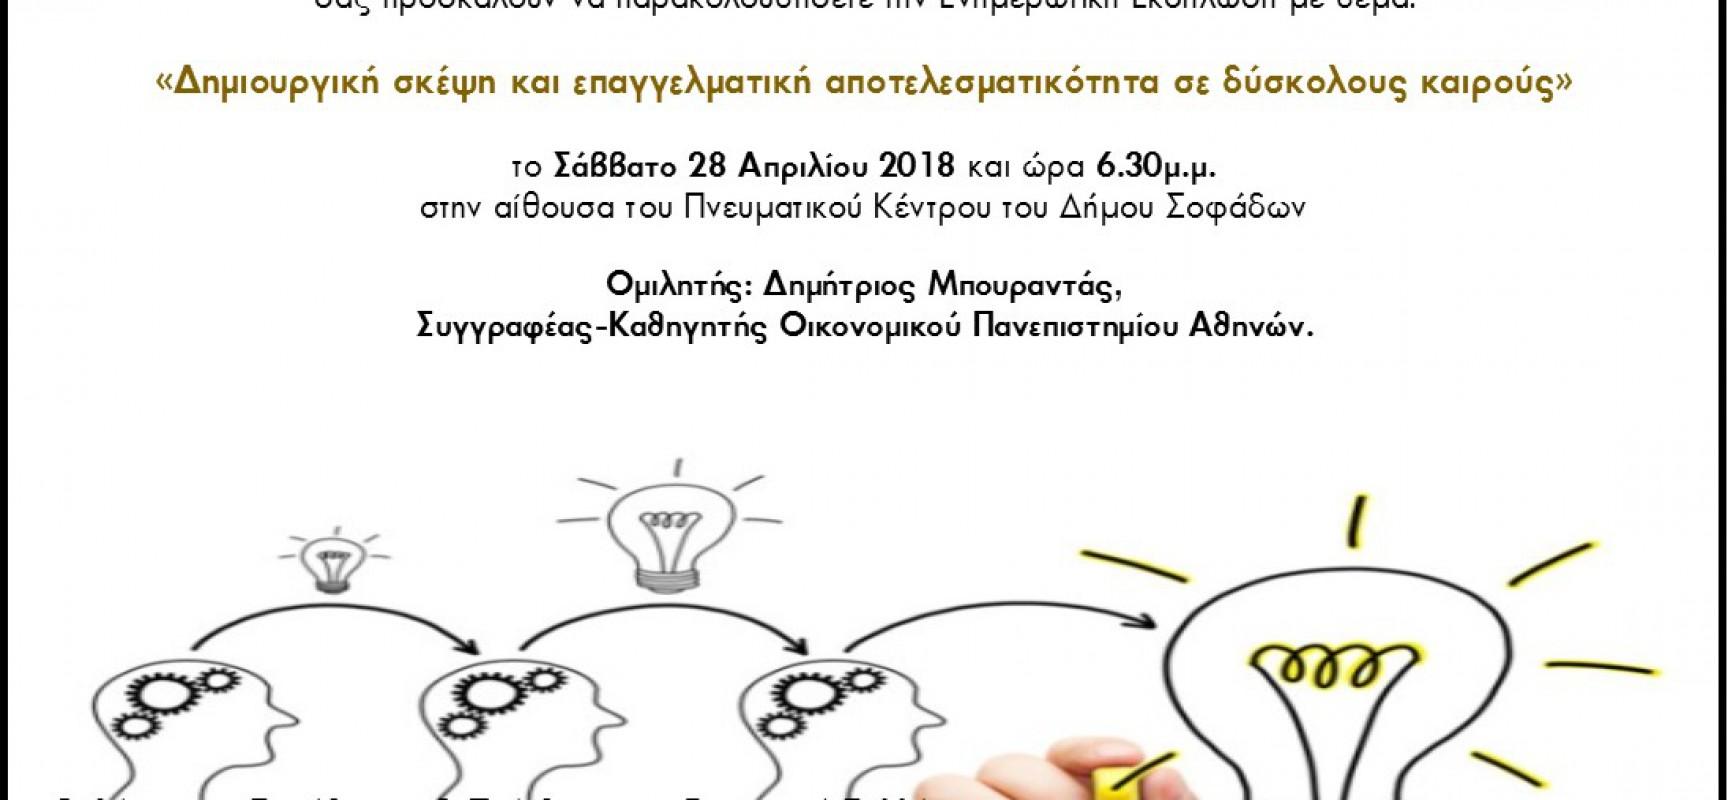 Ομιλία του Δ. Μπουραντά, Συγγραφέα-Καθ. Οικον. Πανεπιστημίου Αθηνών